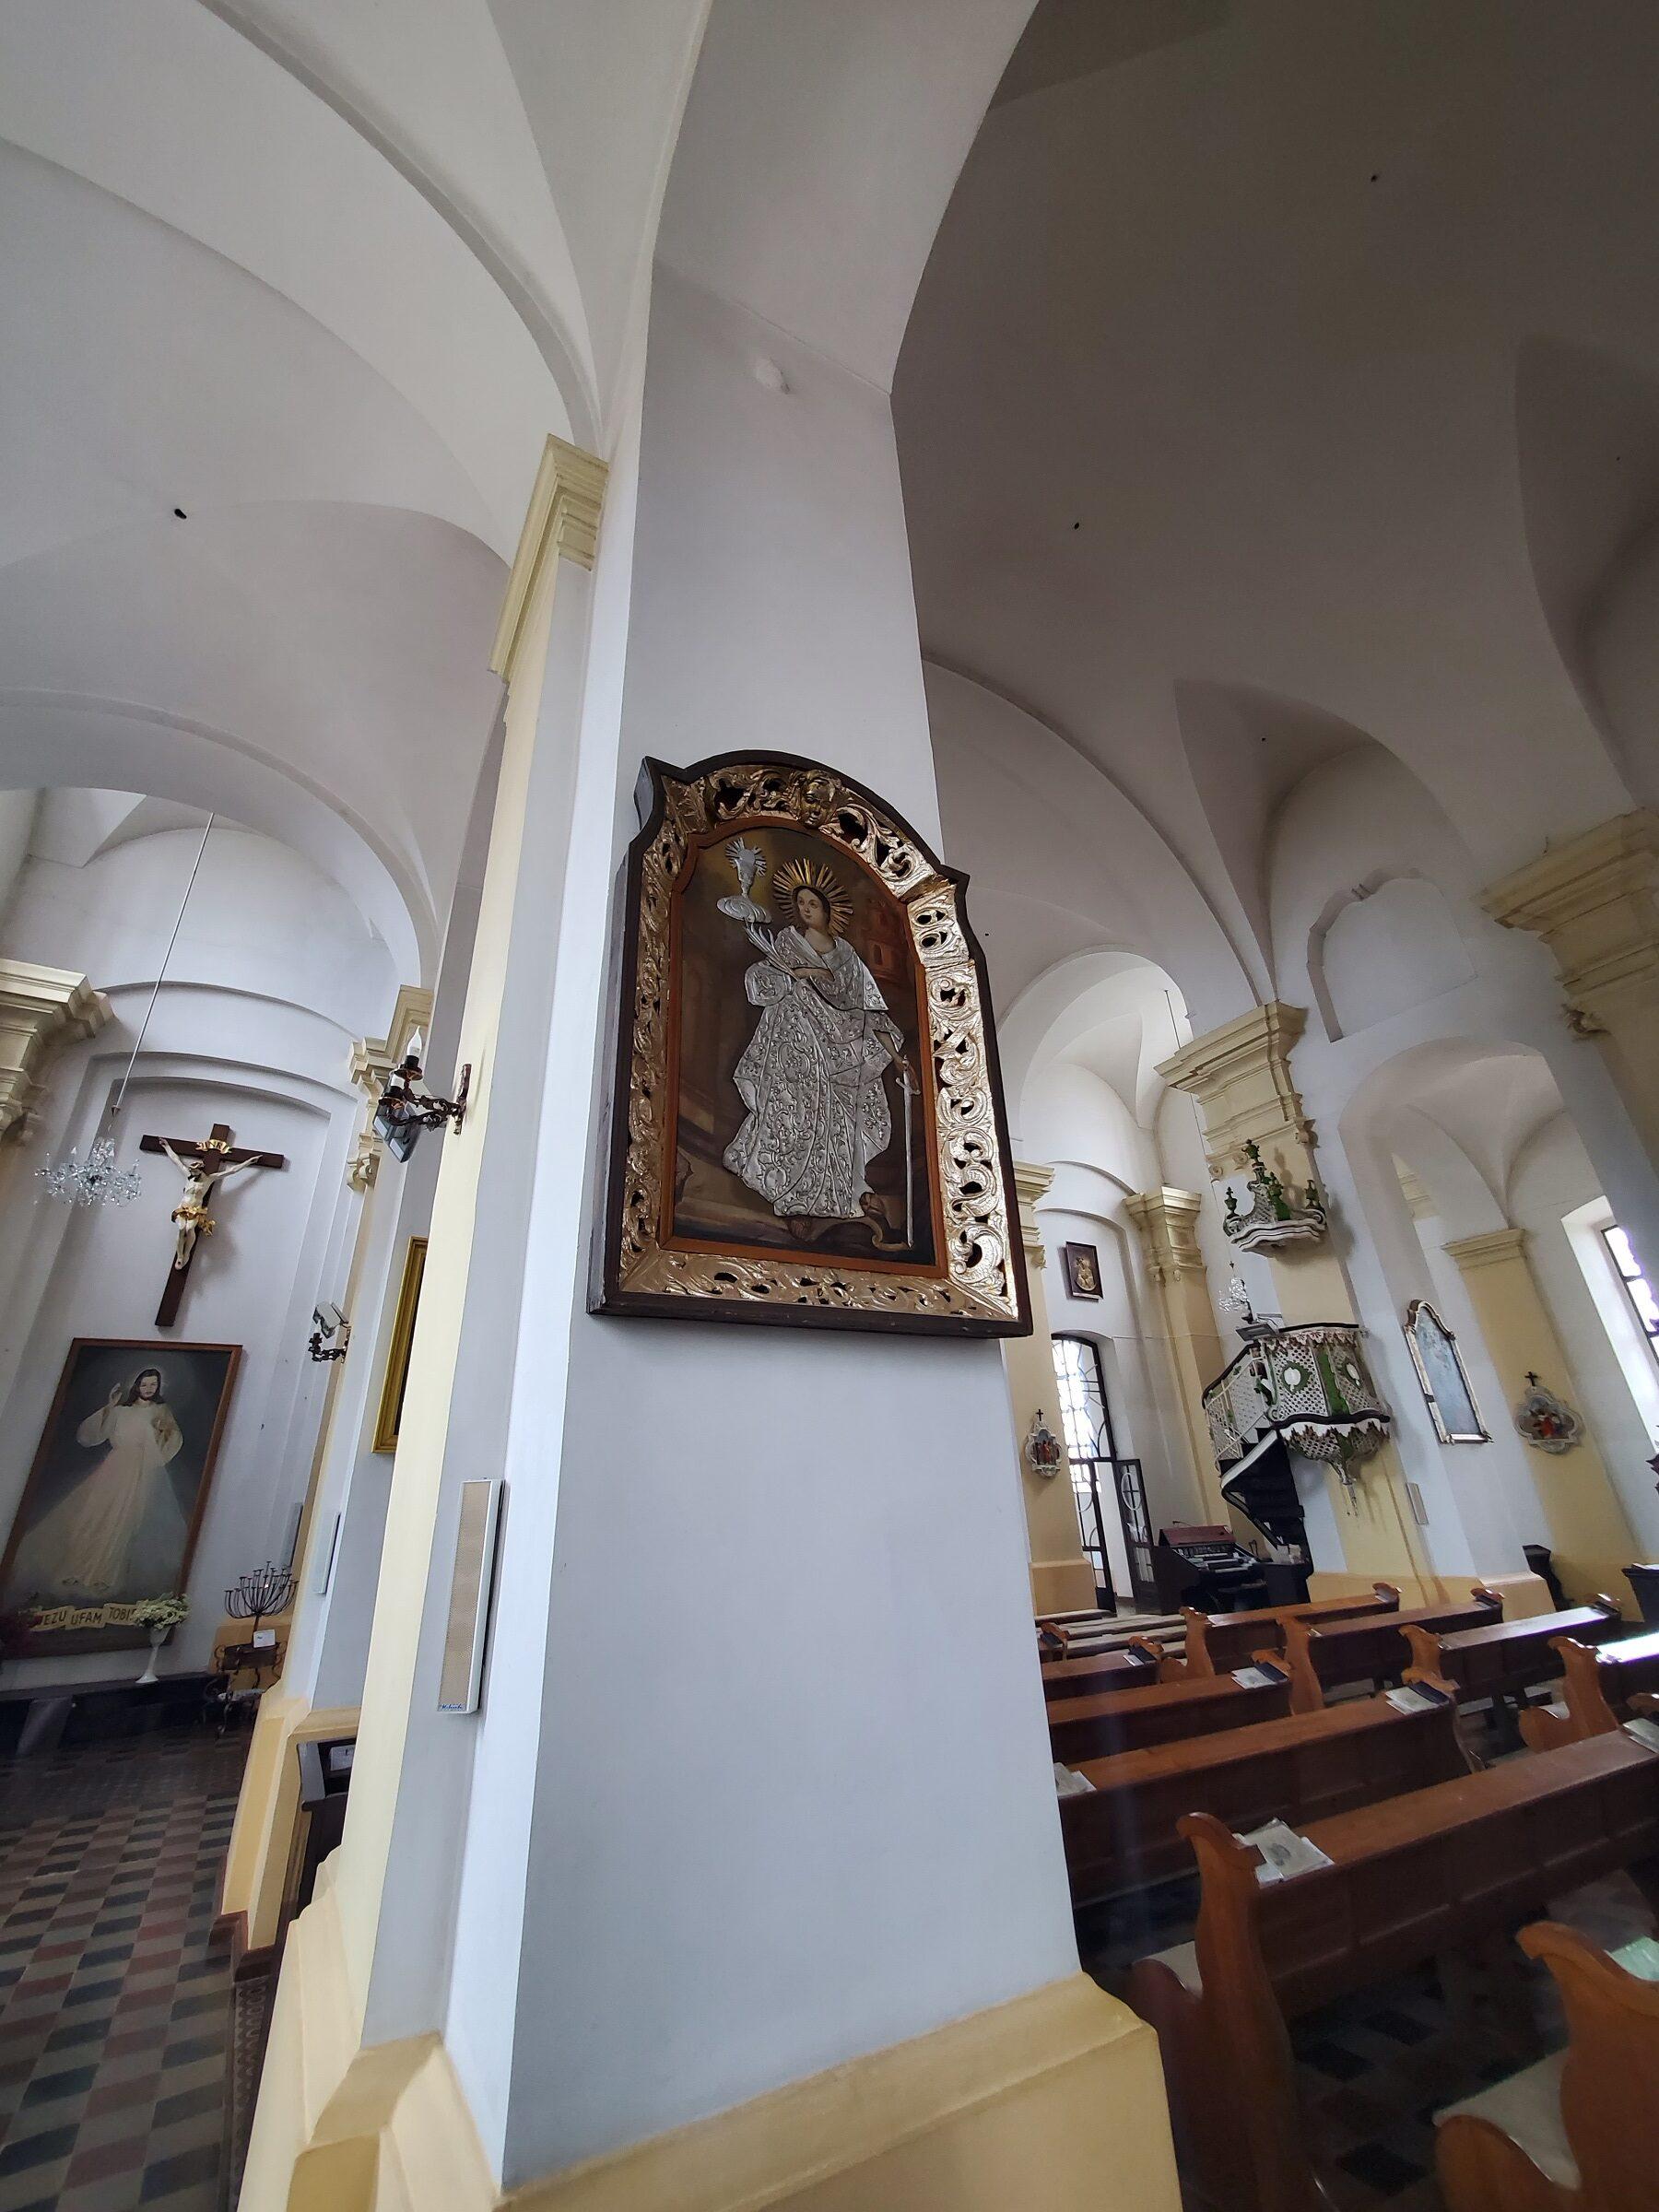 20200703 123613 rotated - Костел Святой Троицы в Глубоком